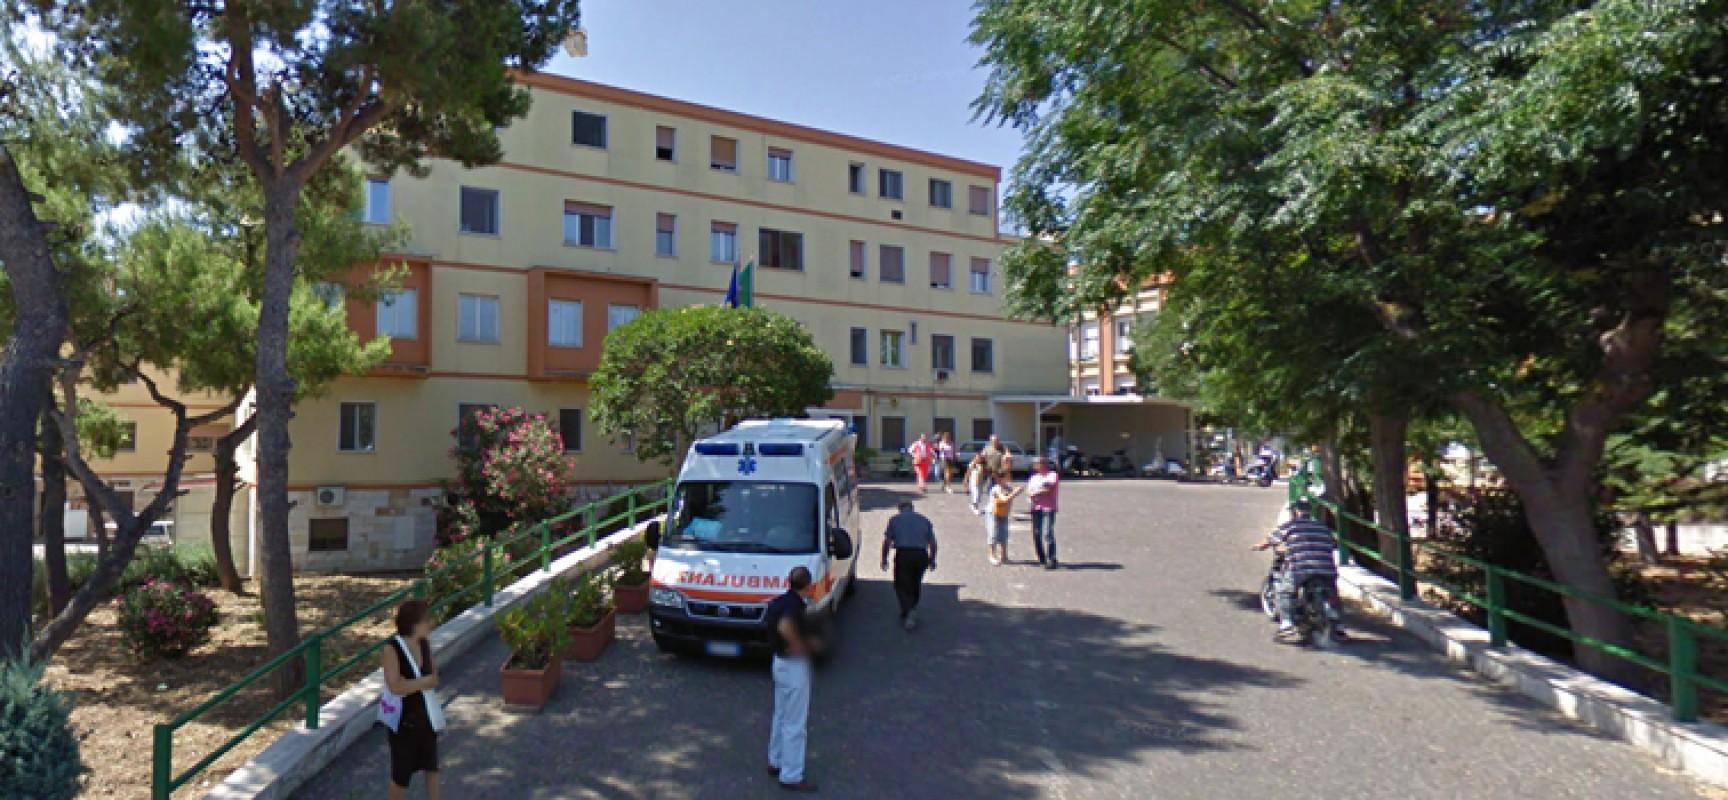 Asl Bt dispone accesso ad ospedali per visitatori / DETTAGLI